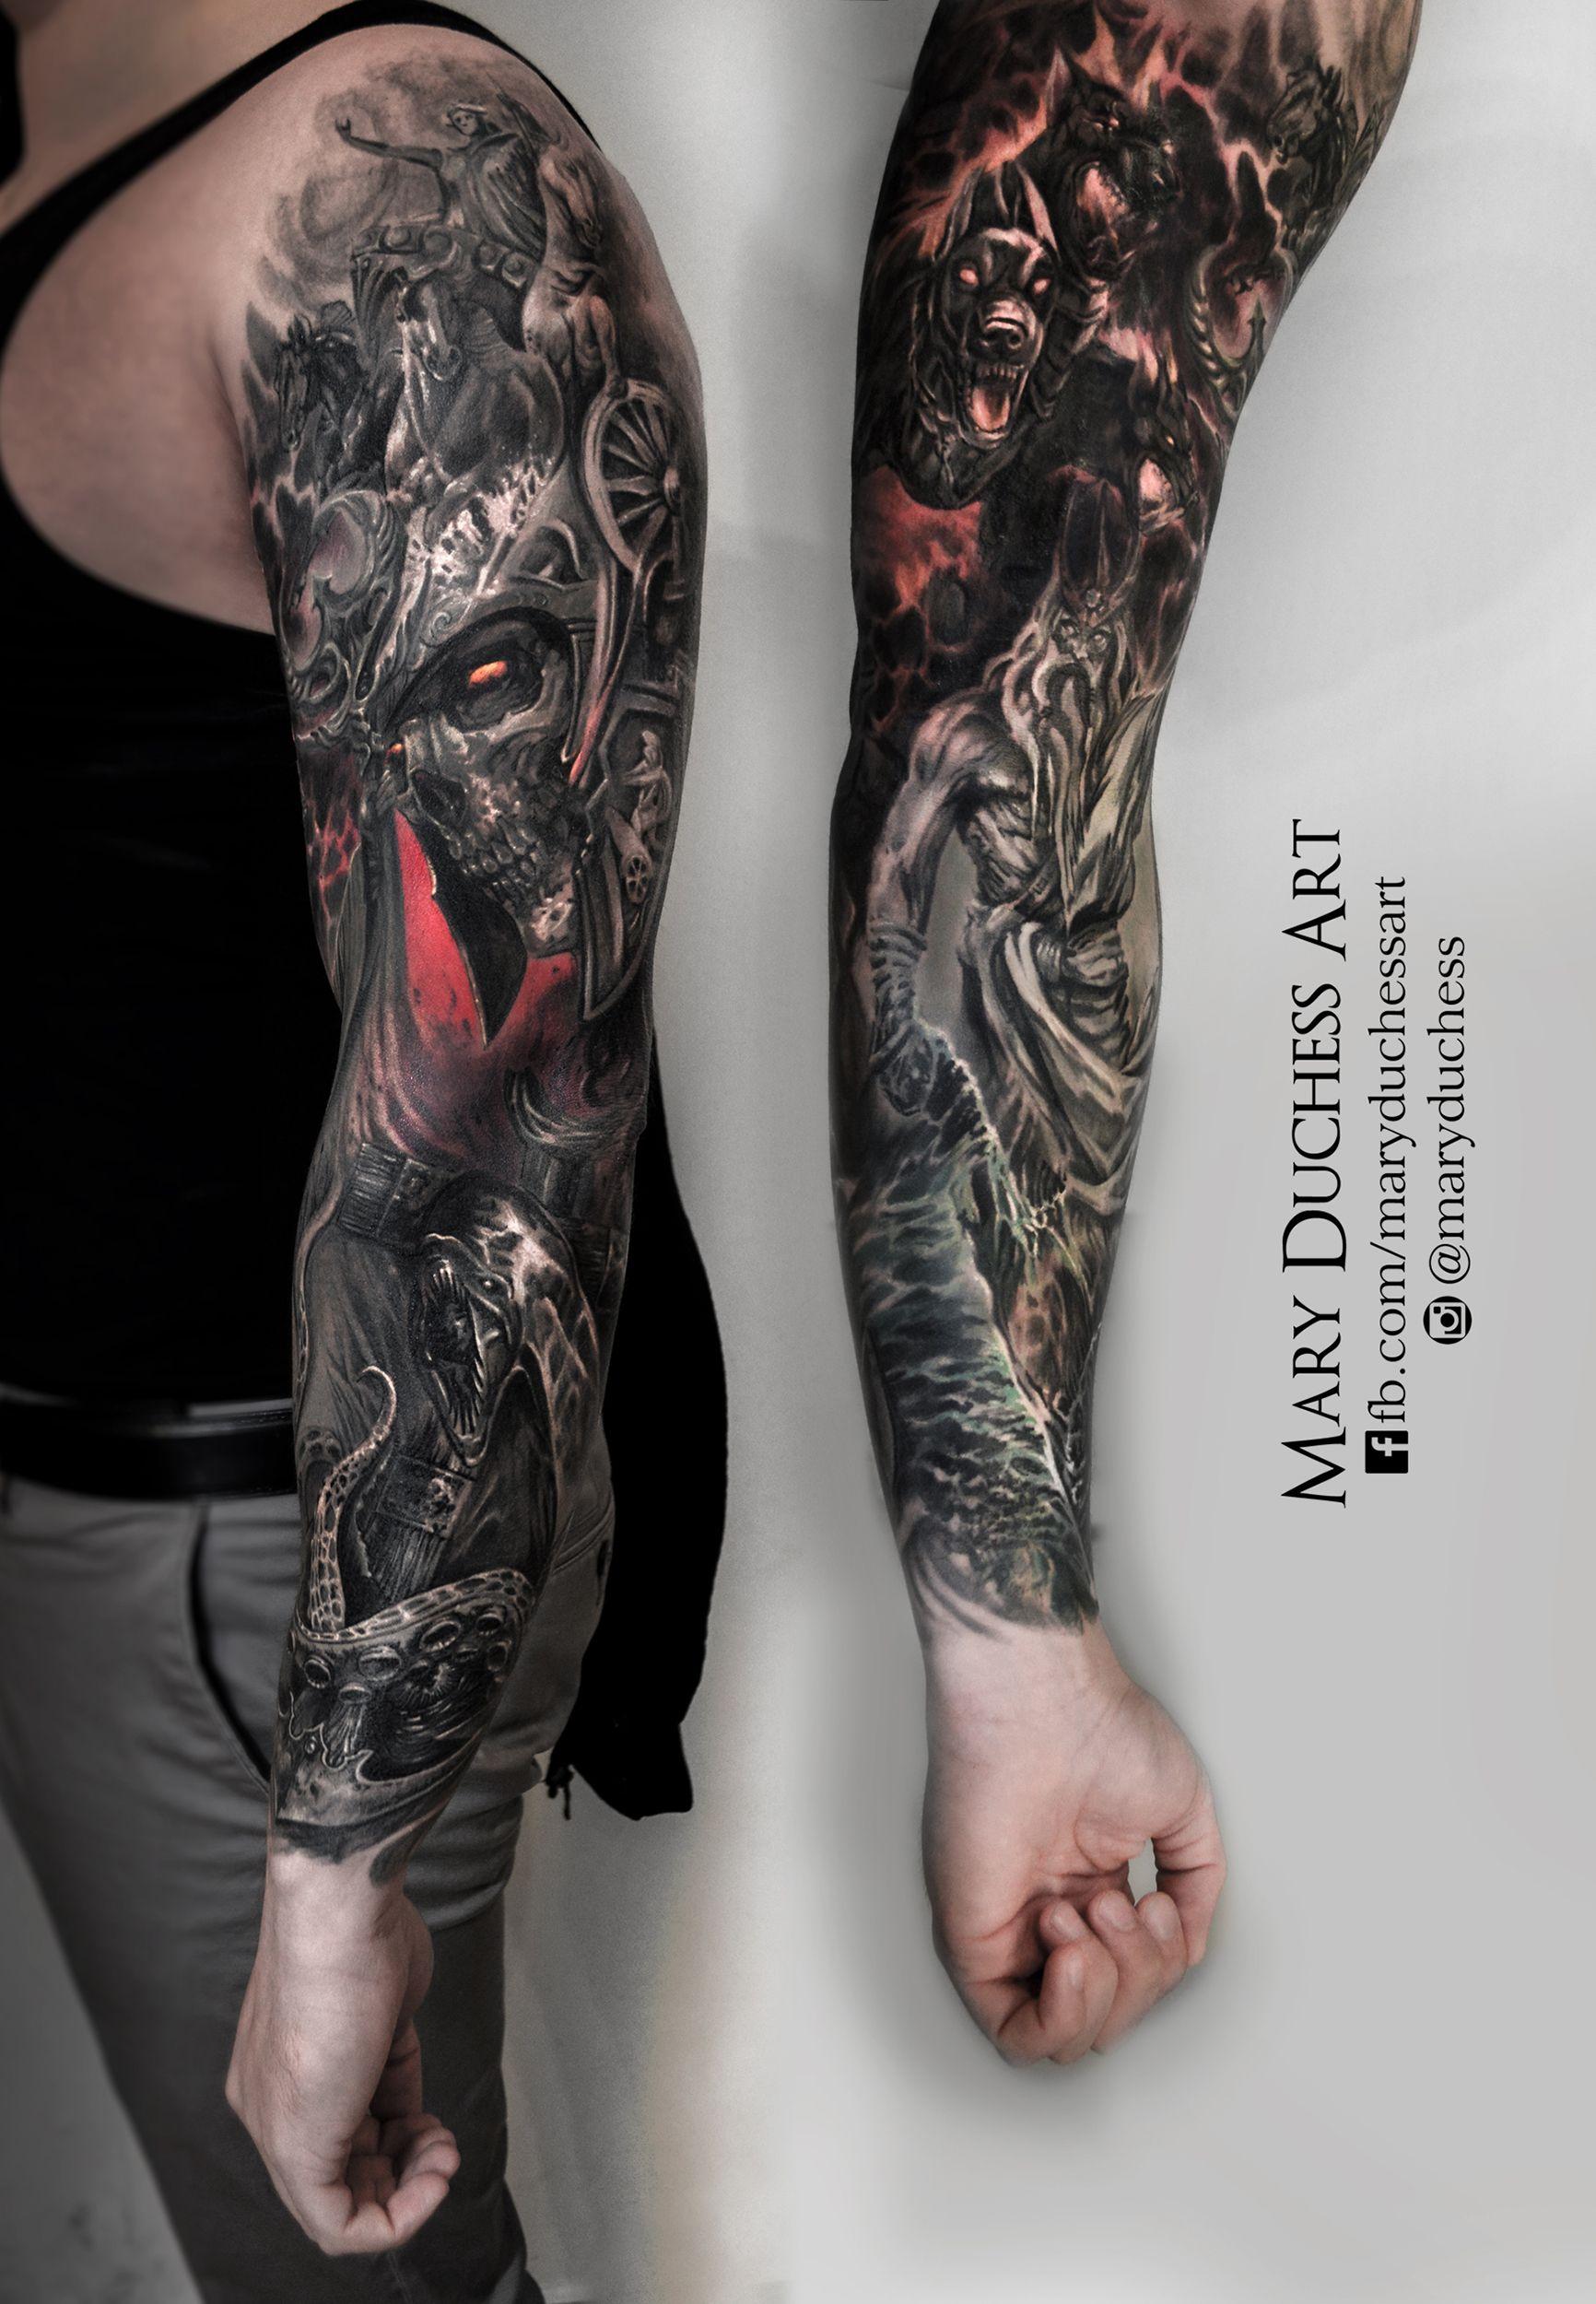 Tattoo Tattoed Dark Fantasy Skull Skulltattoo Sleeve Mythology Zeus Poseidon Ancor Tattoosleeve Tatowierungen Biomechanic Tattoo Armeltatowierungen